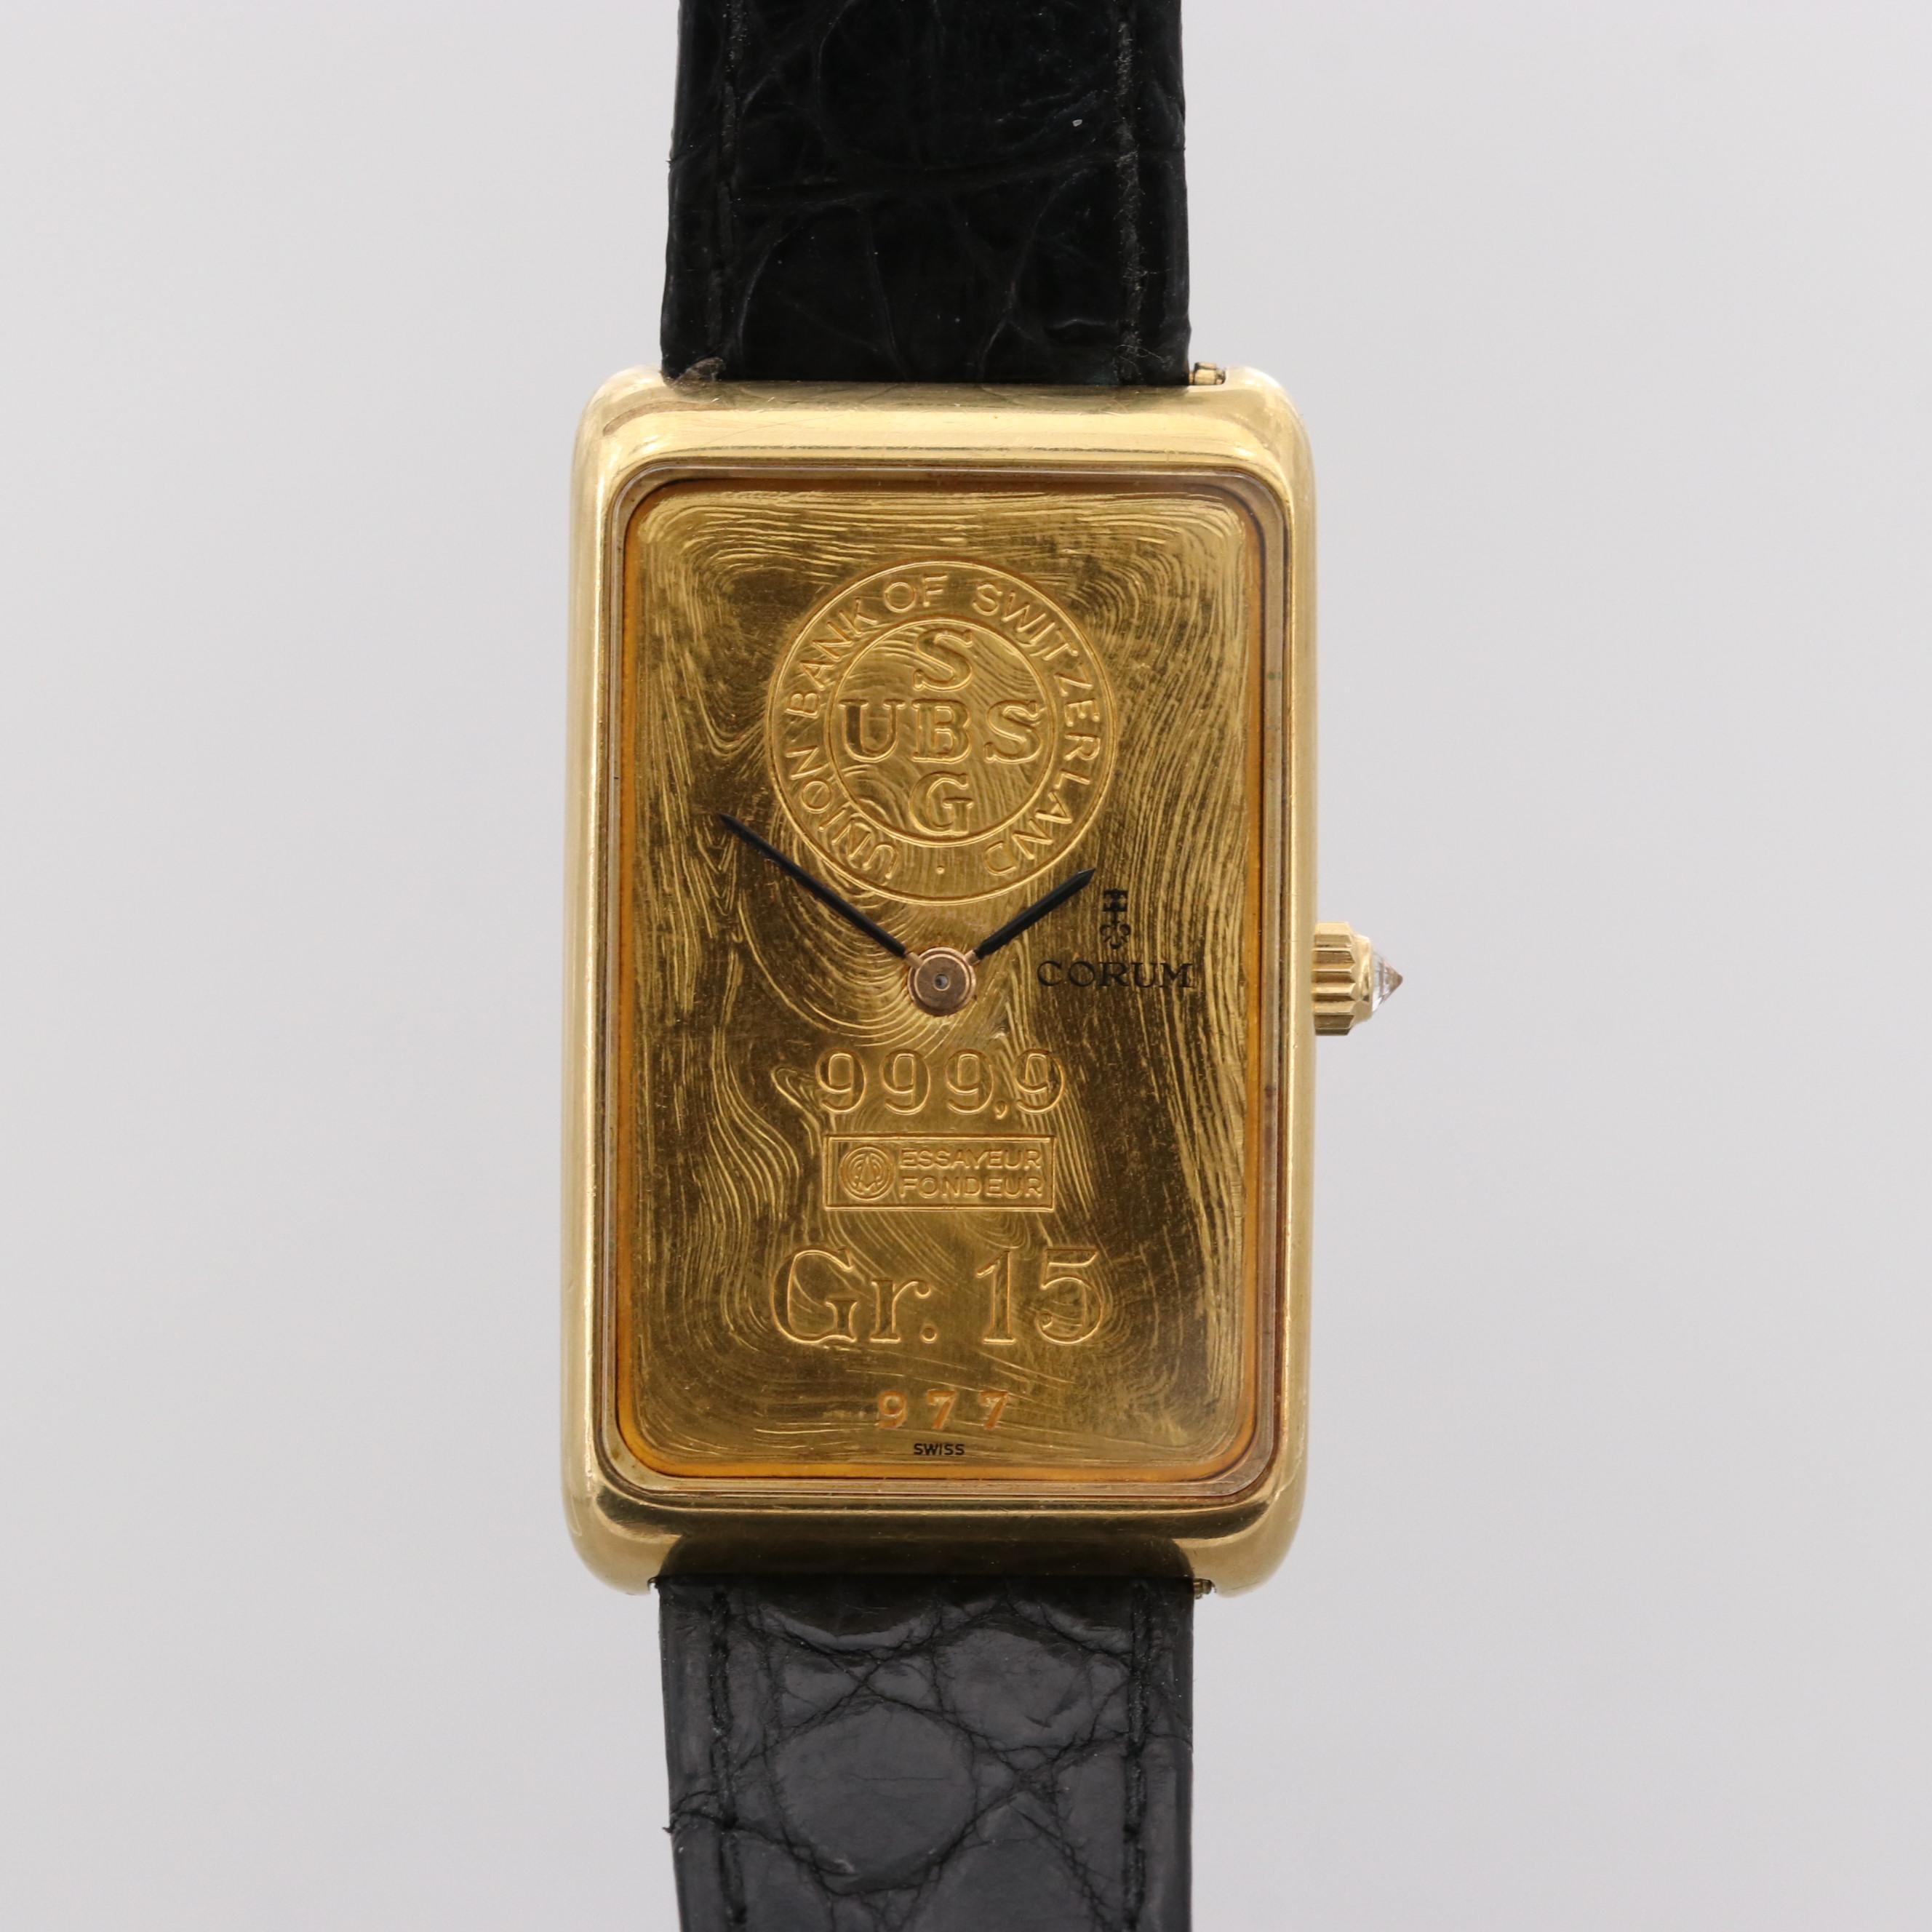 Corum 55400 15Gram Swiss Ingot 18K Yellow Gold Stem Wind Wristwatch With Diamond